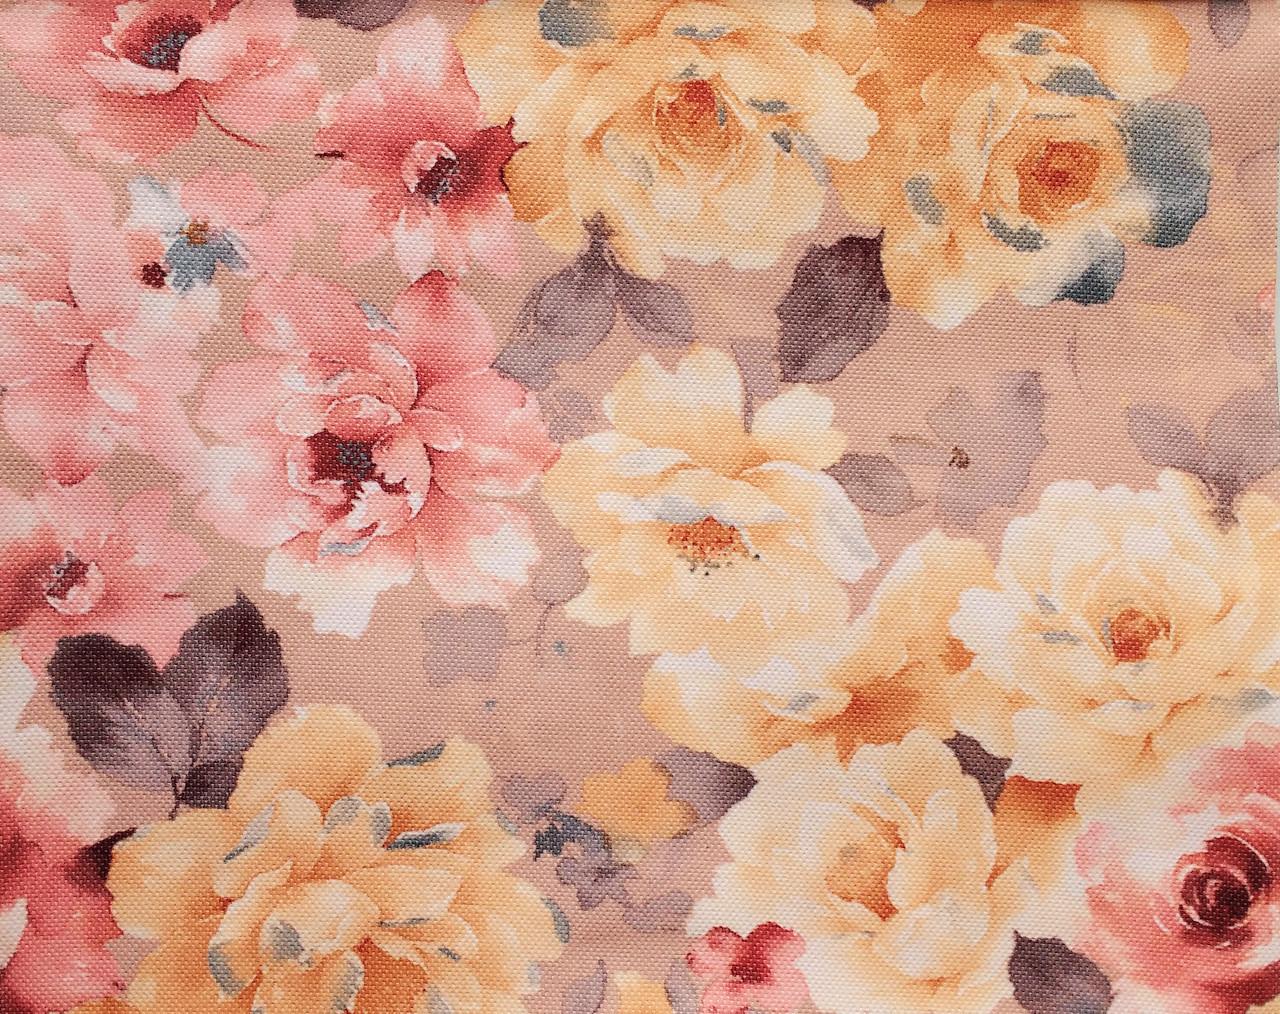 Обивочьная ткань для мебели Принт Катания 7 Katania 7